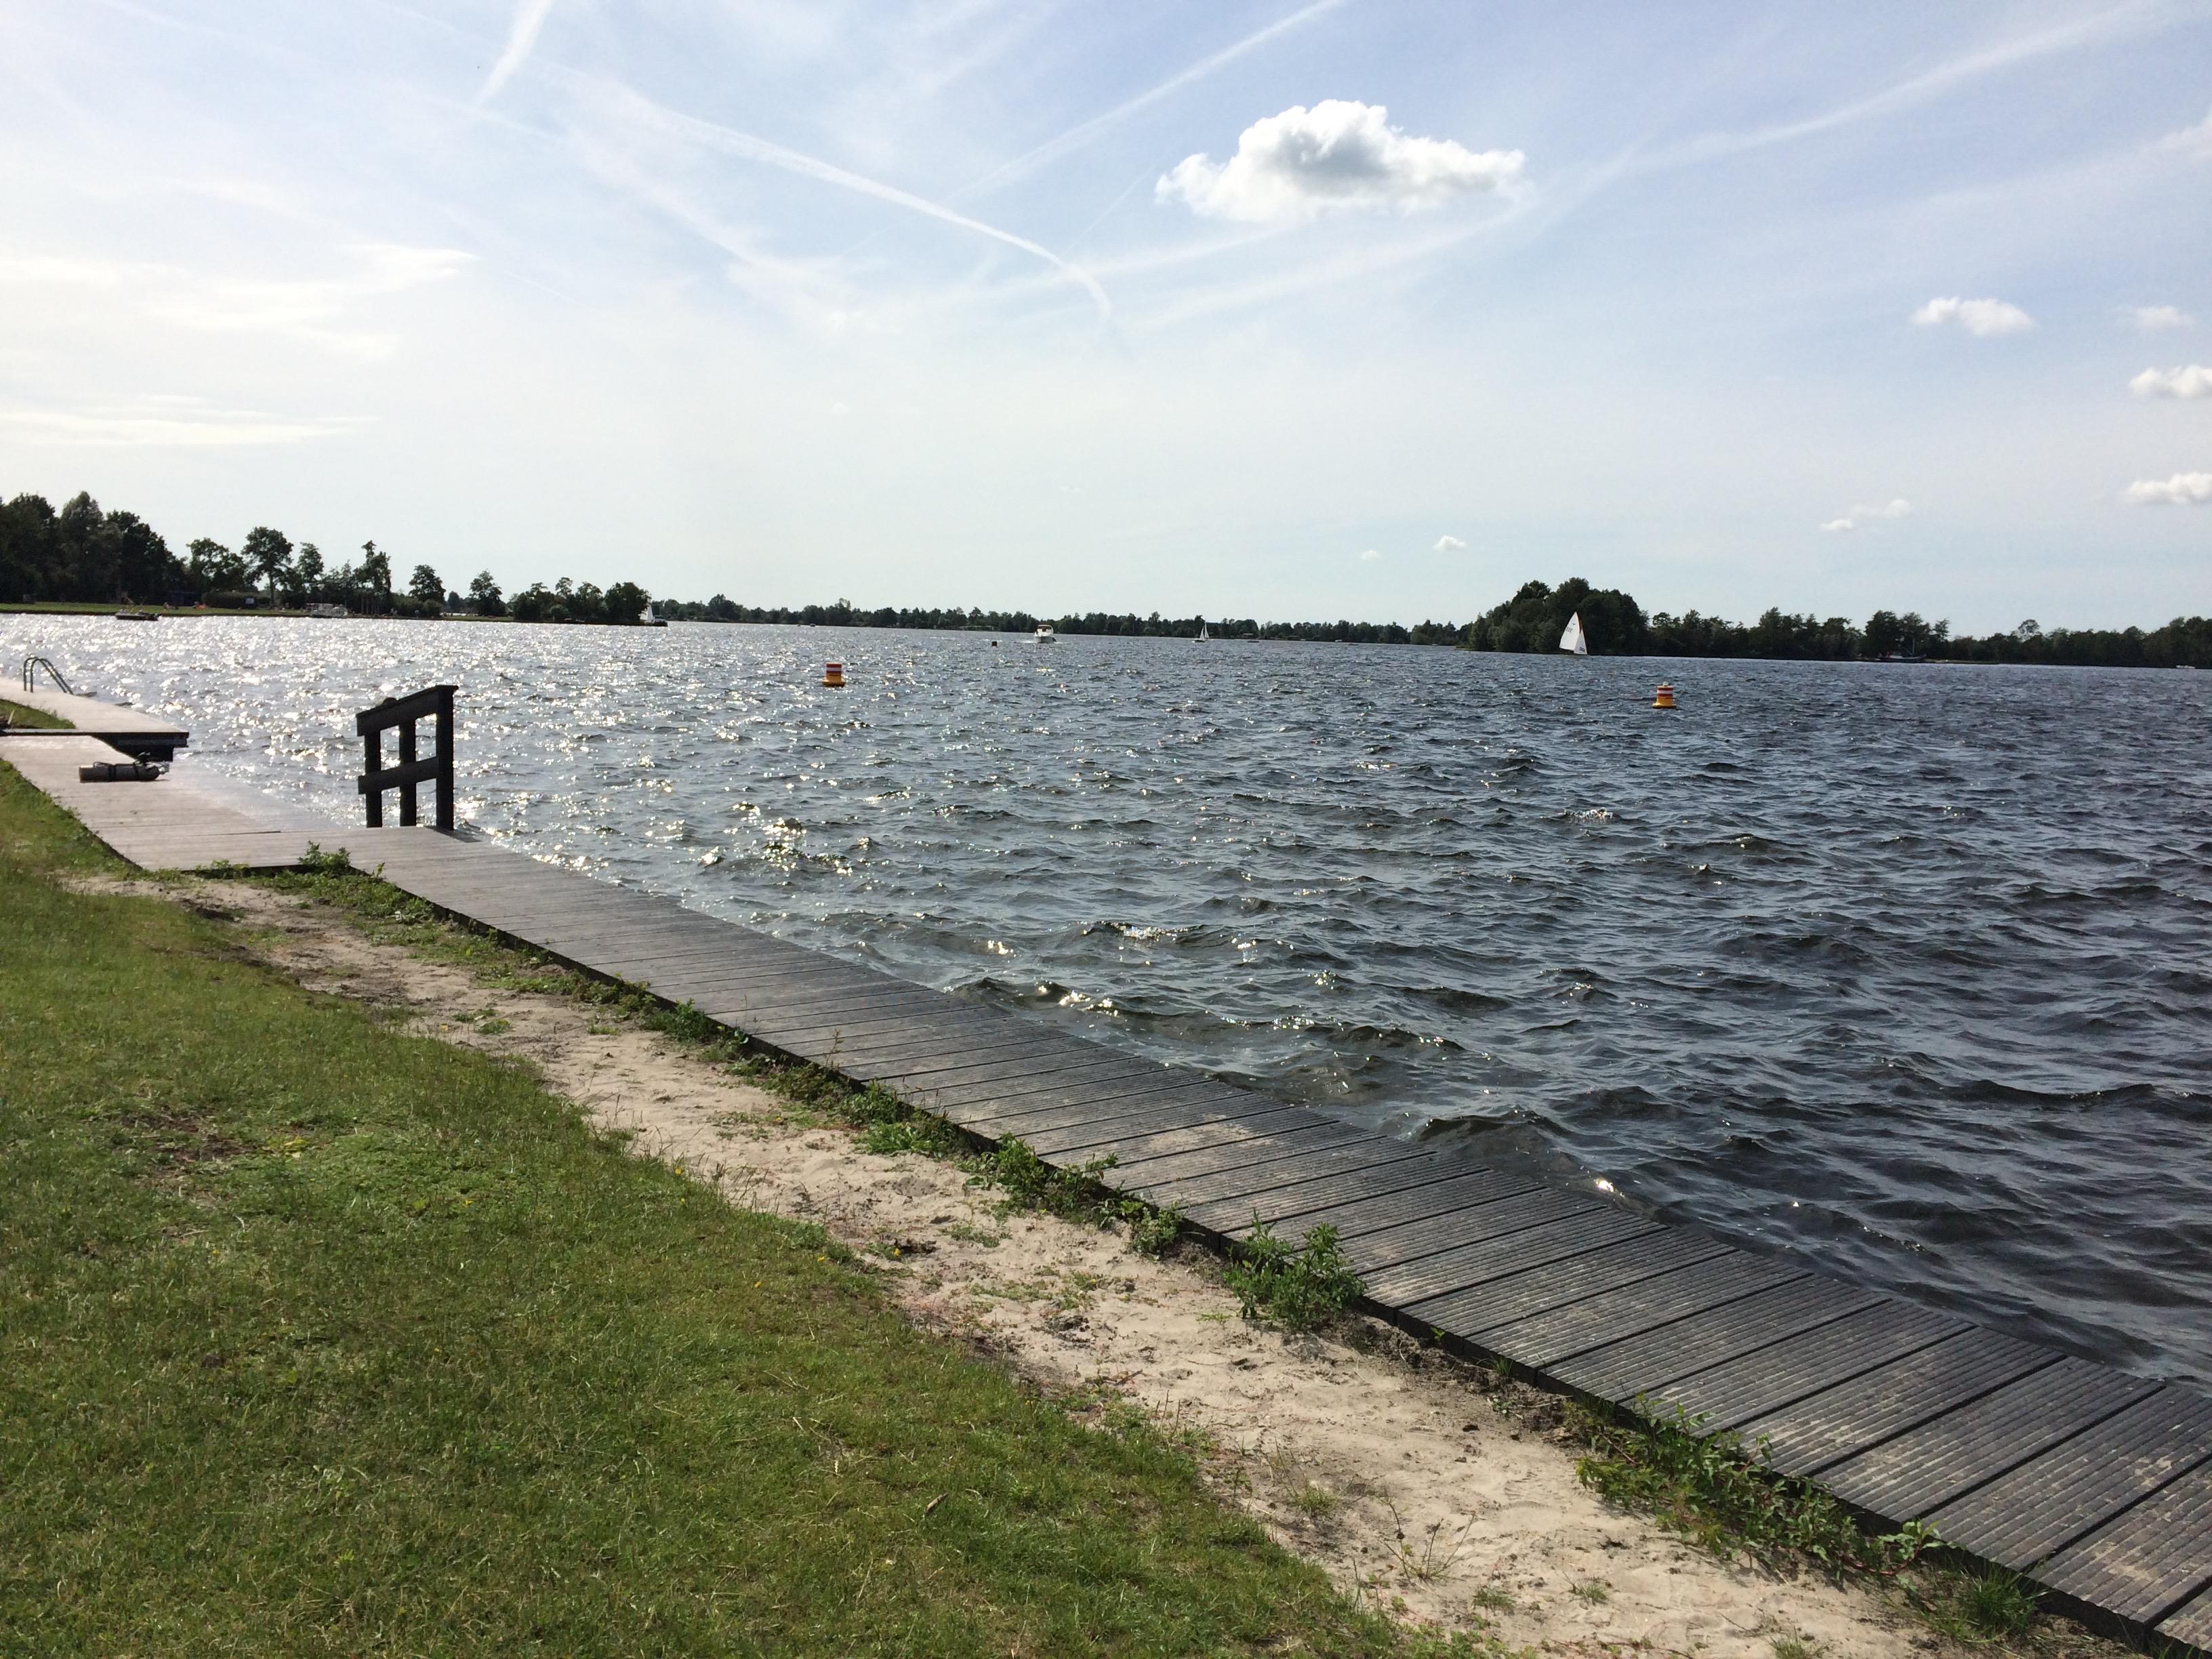 fata 1 3 - Lesduiken en vrijduiken in Vinkeveen